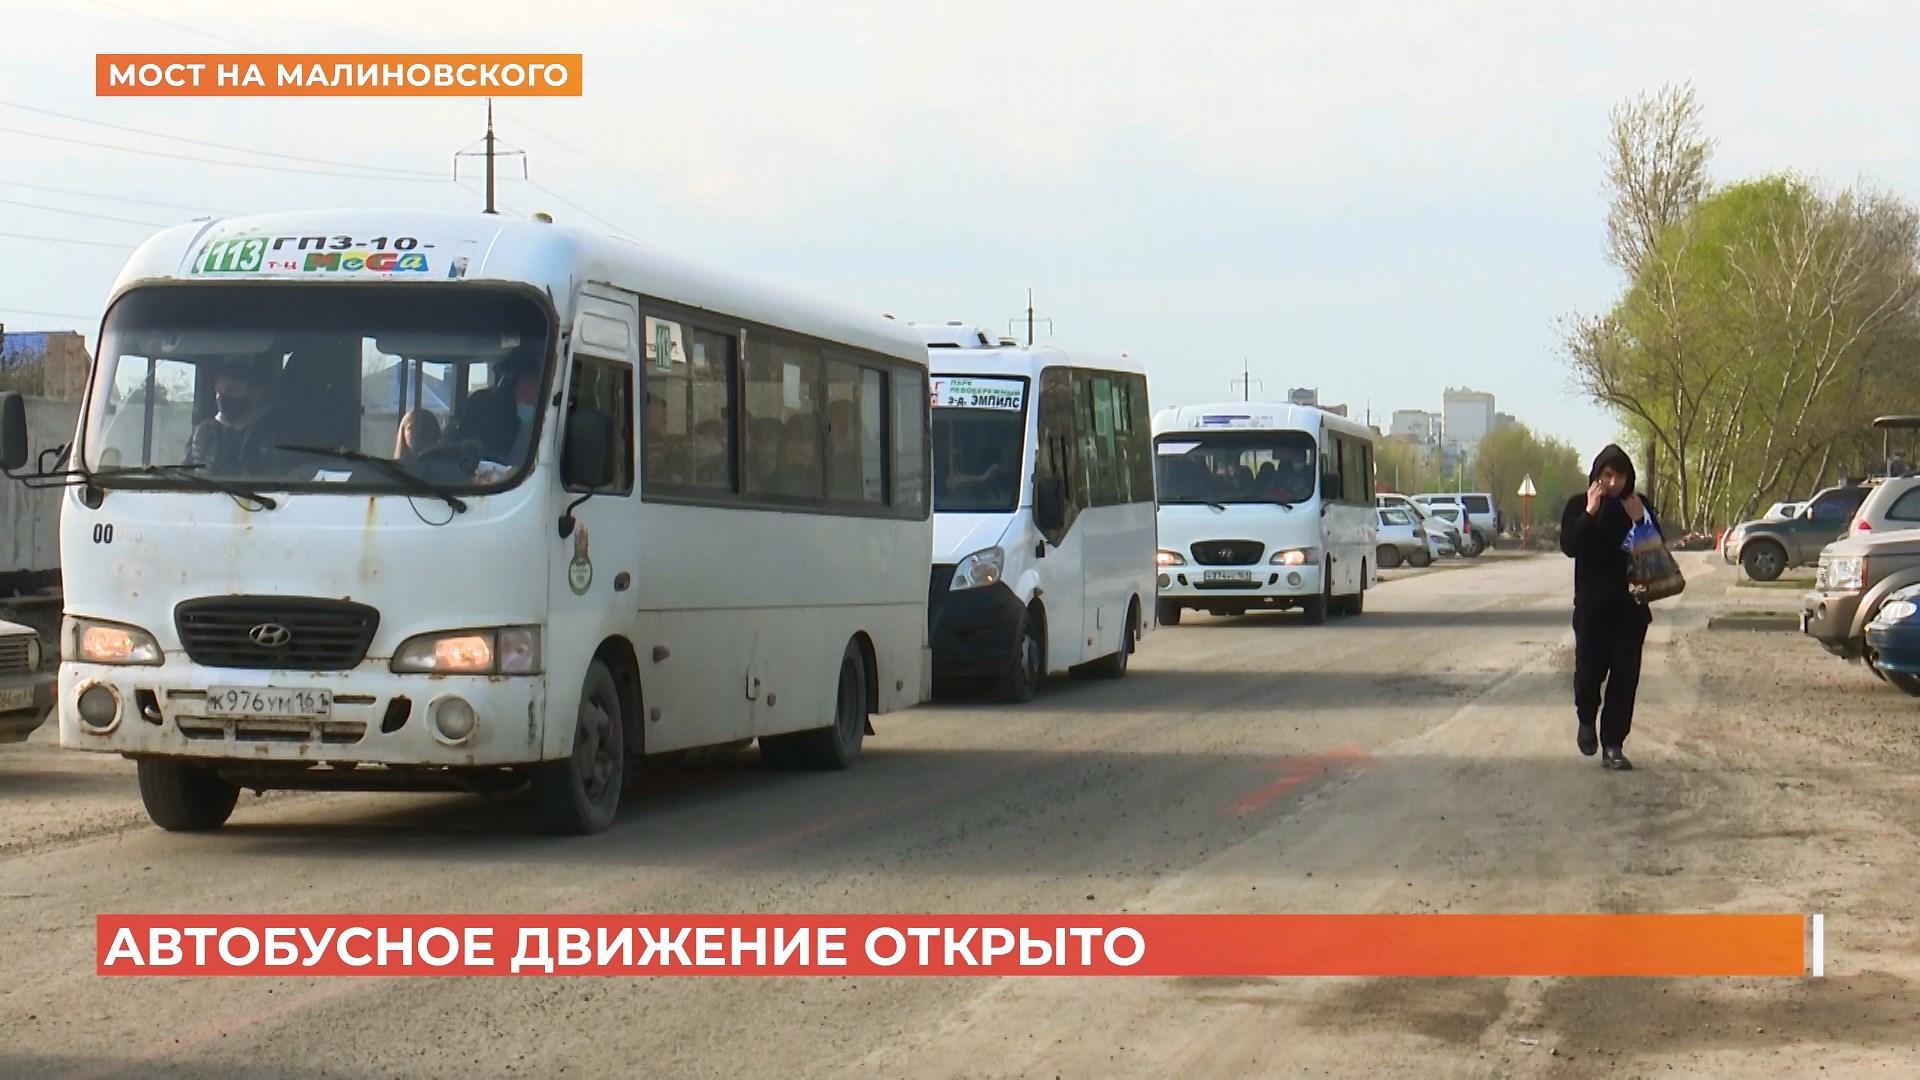 Движение запущено: автобусы теперь будут ездить через новый мост Малиновского